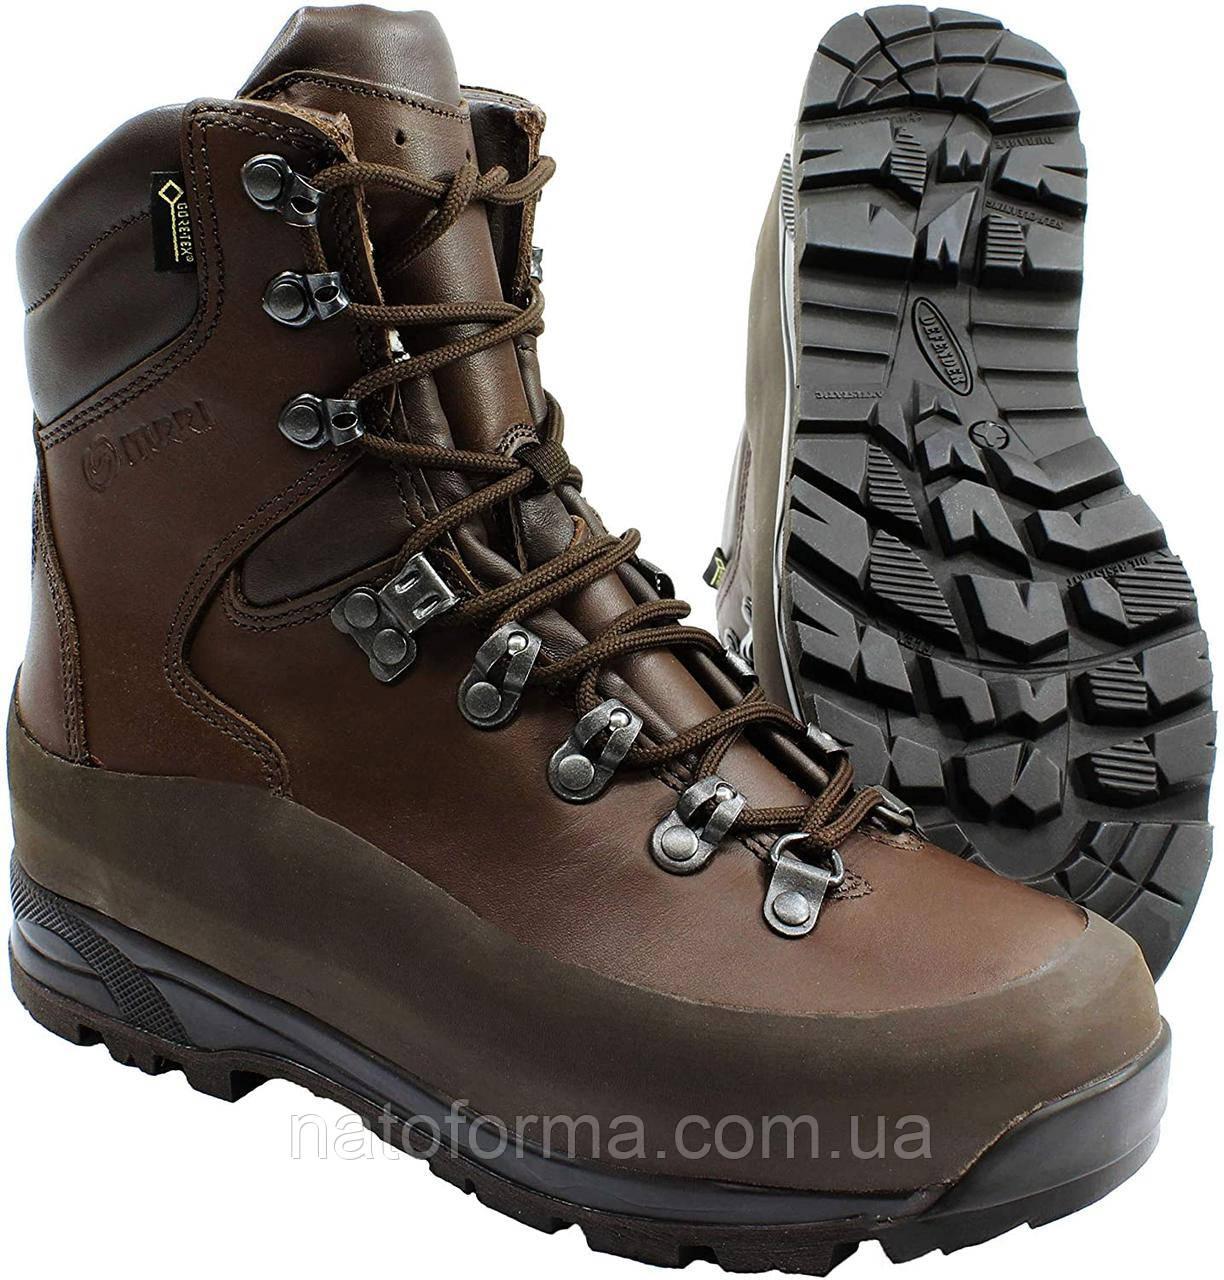 Зимние ботинки Iturri Boots Cold Wet Weather, армии Великобритании, высший сорт